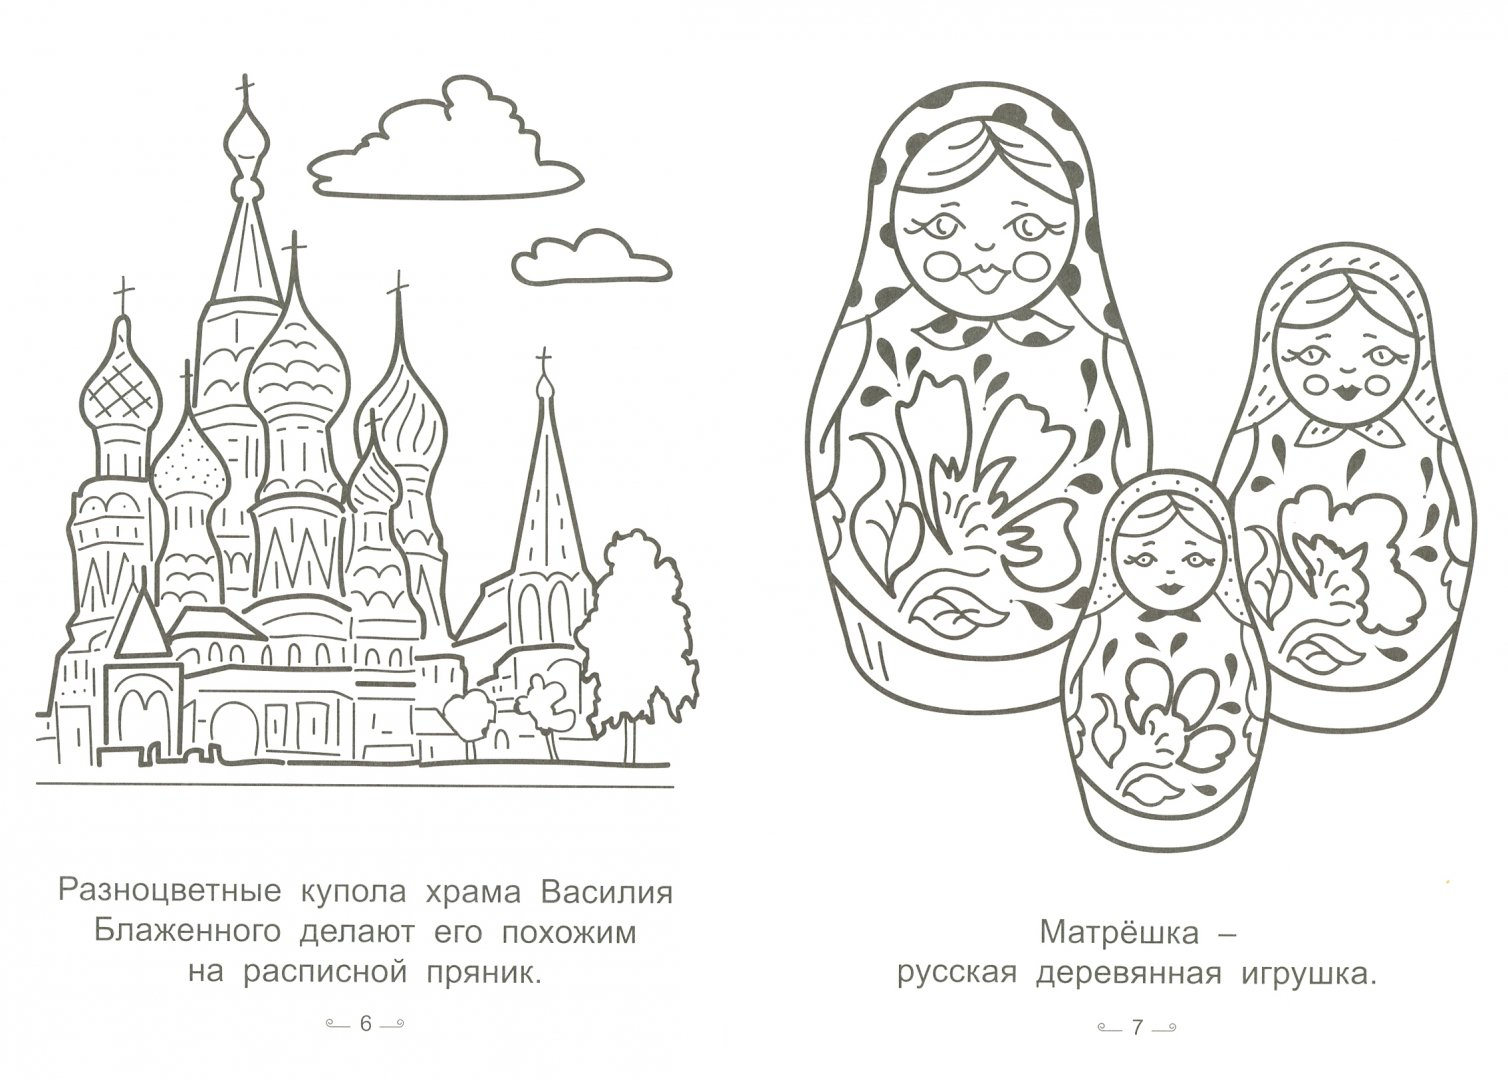 снимал символика россии картинки для раскрашивания этом свидетельствует